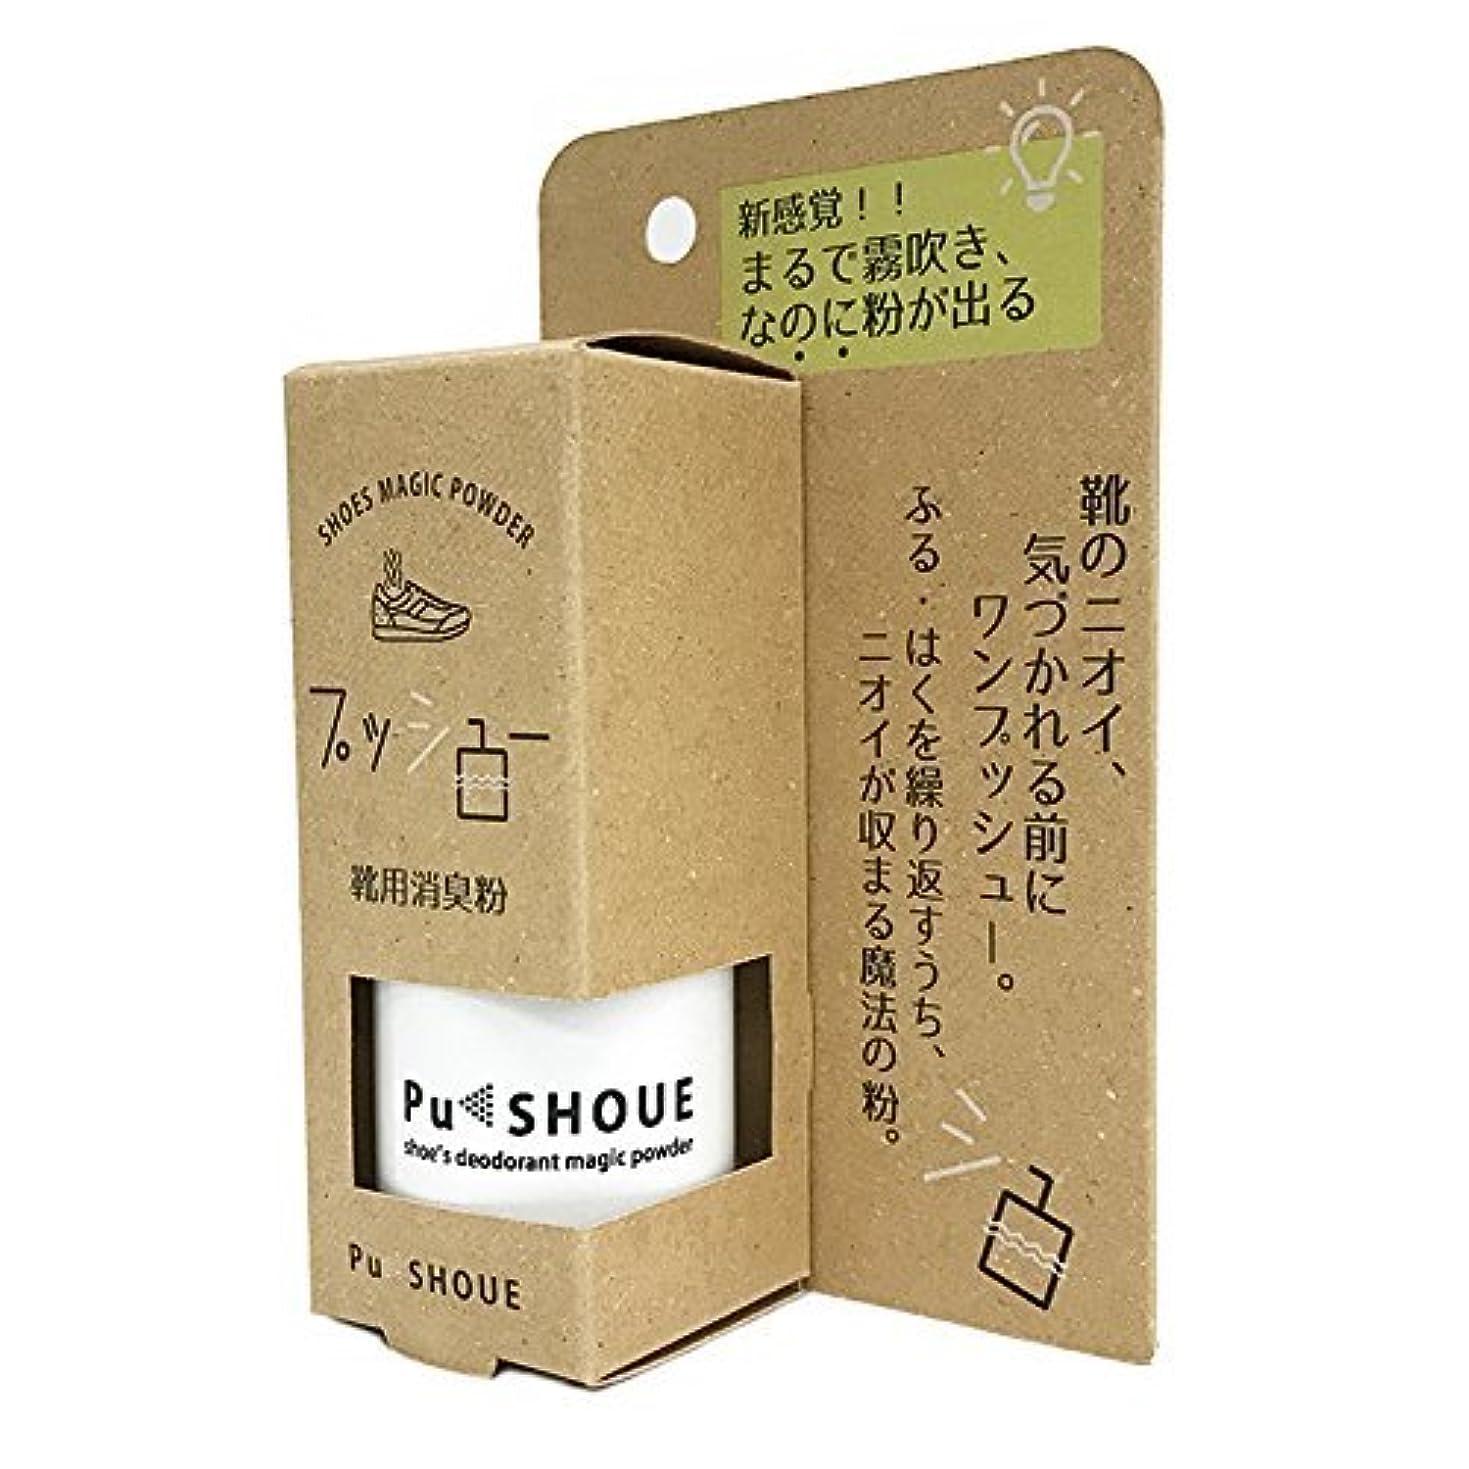 逆に浅い弓Pu SHOUE プッシュー 無香料【スプレータイプで持ち運びOK 靴用消臭粉 1100回分】